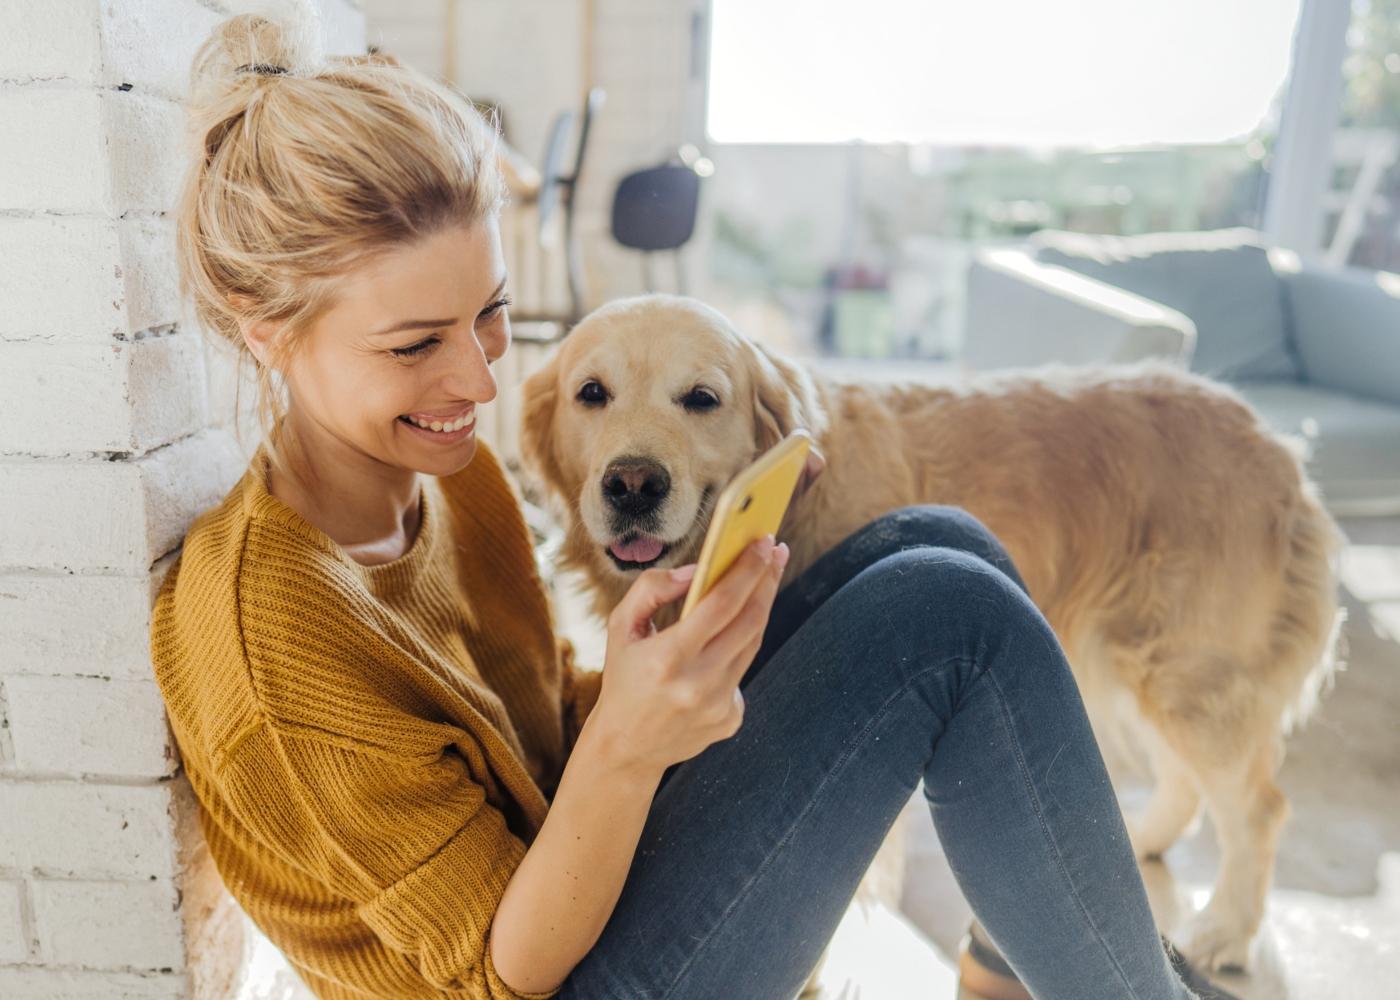 Mulher a aderir a seguro pets através da app da Cofidis